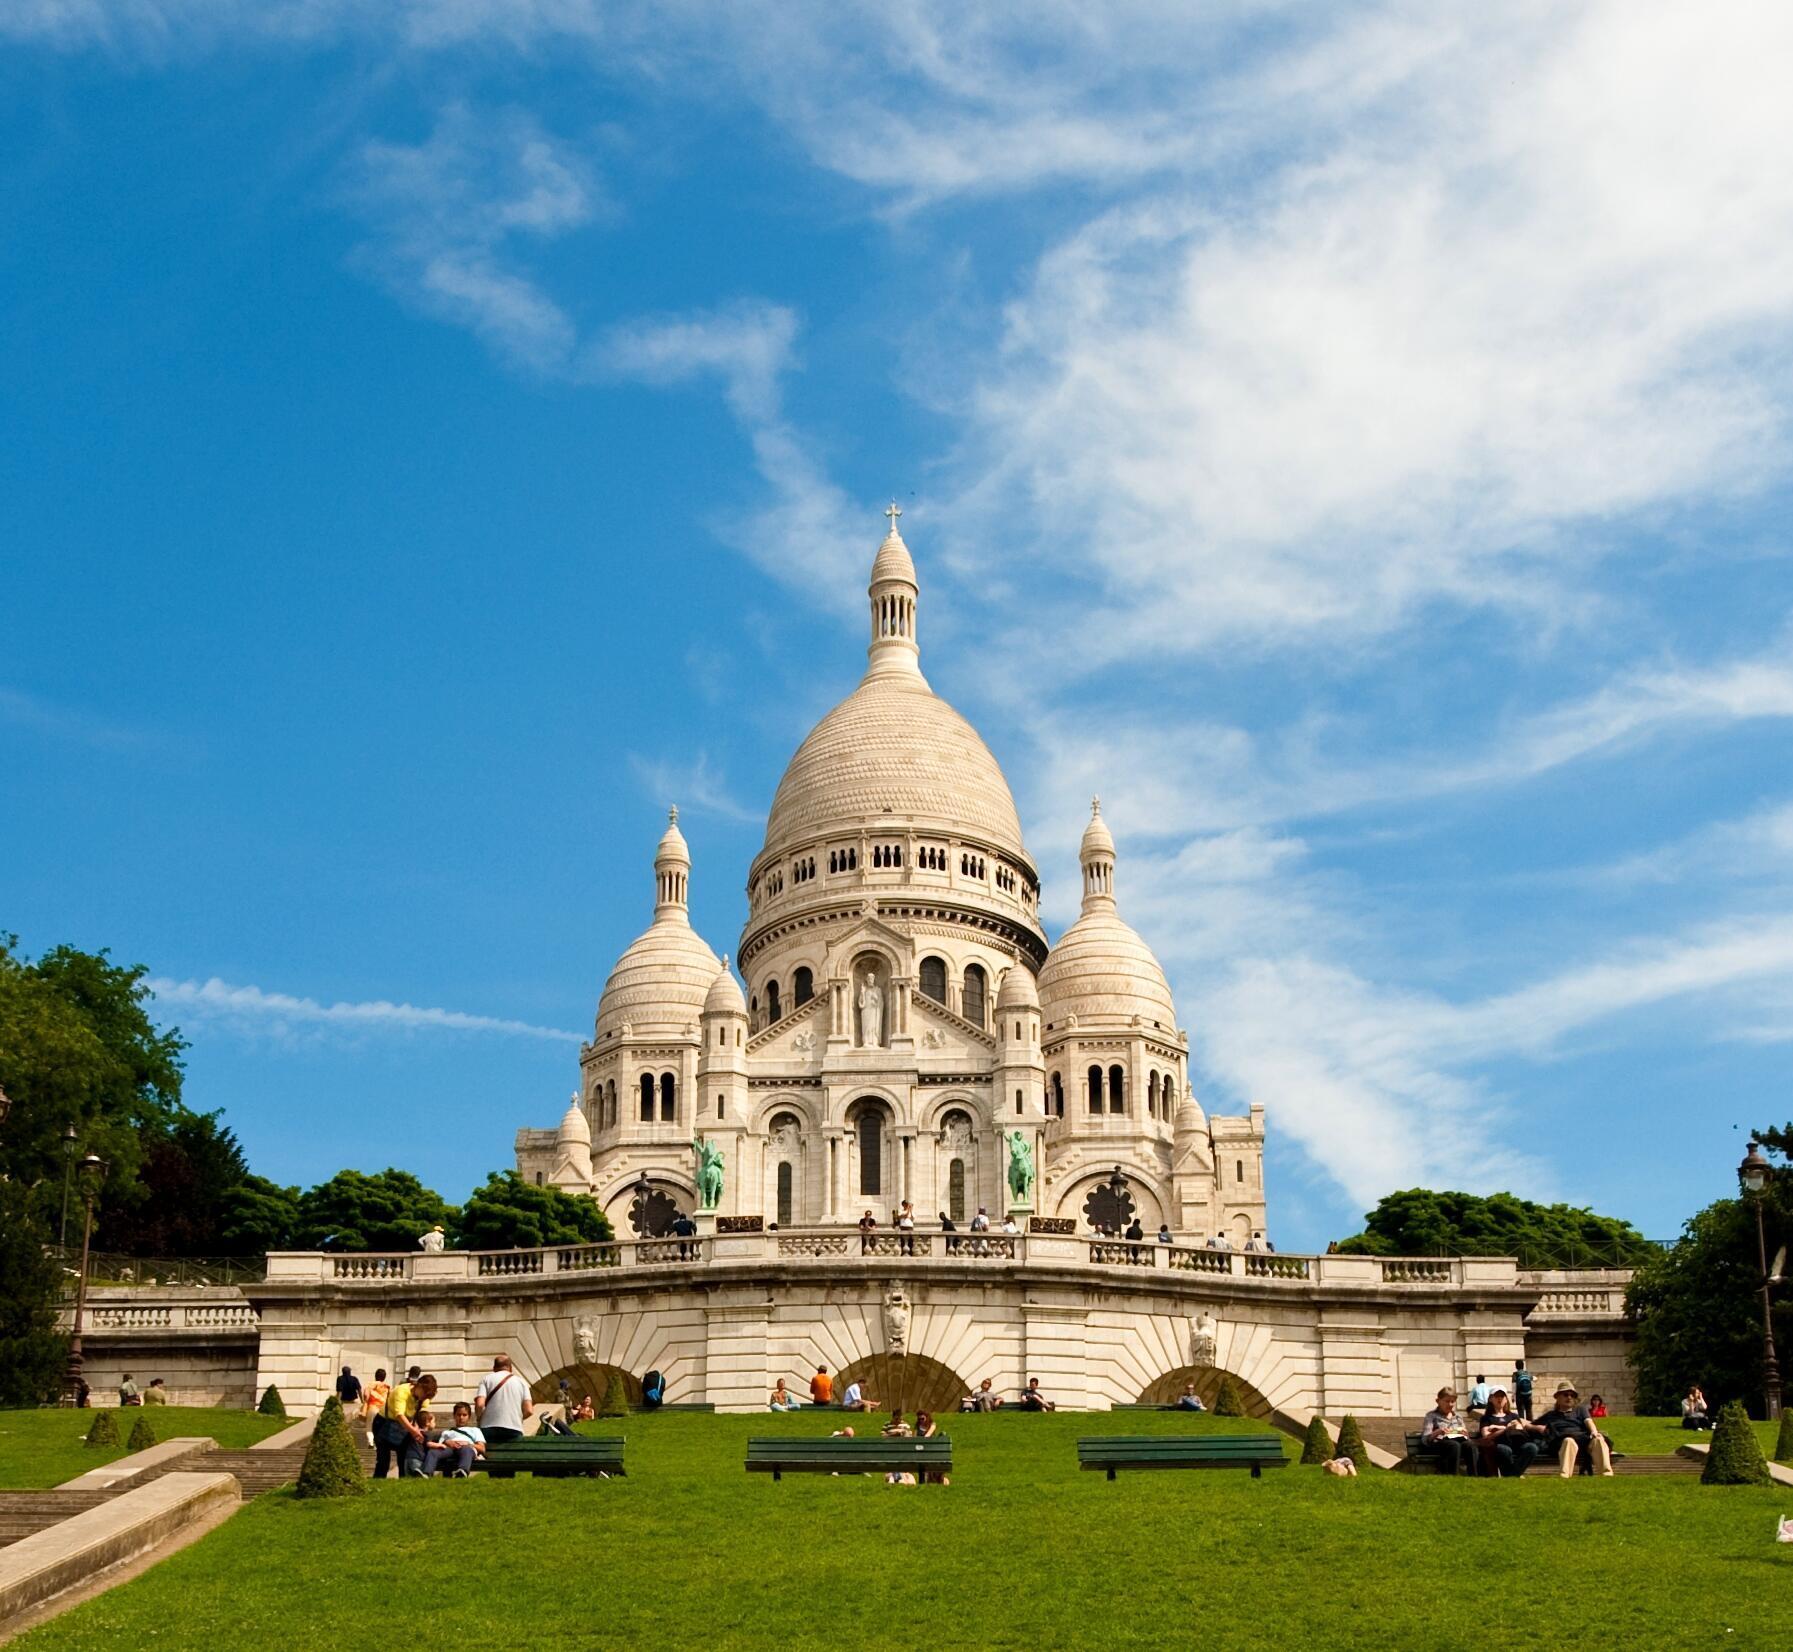 Basílica de Sacré-Coeur em Montmartre, Paris.